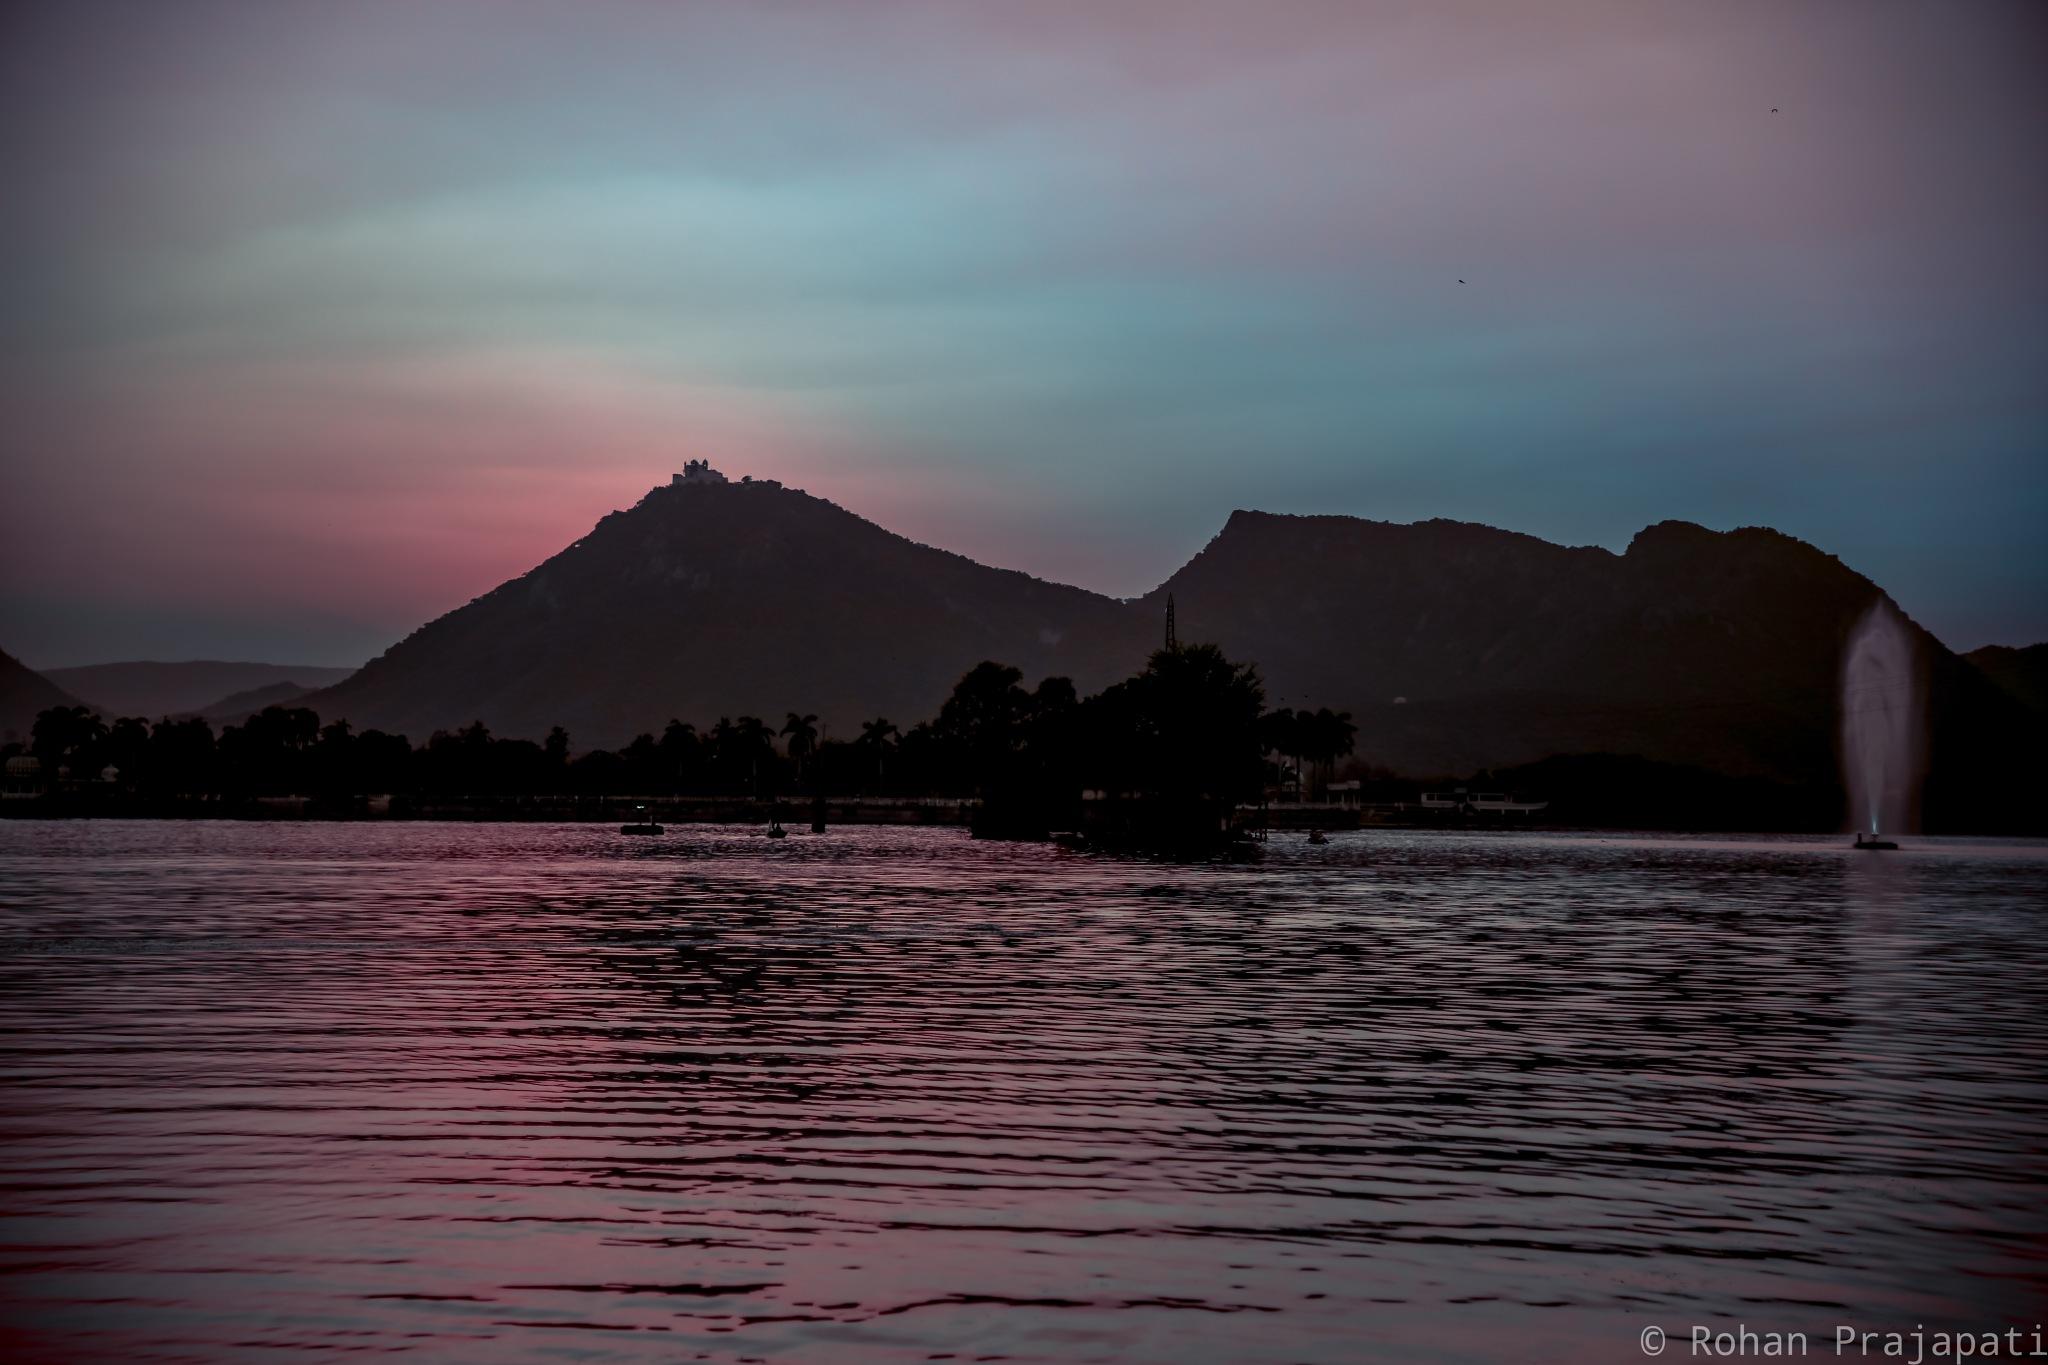 lake view  by Rohan Prajapati